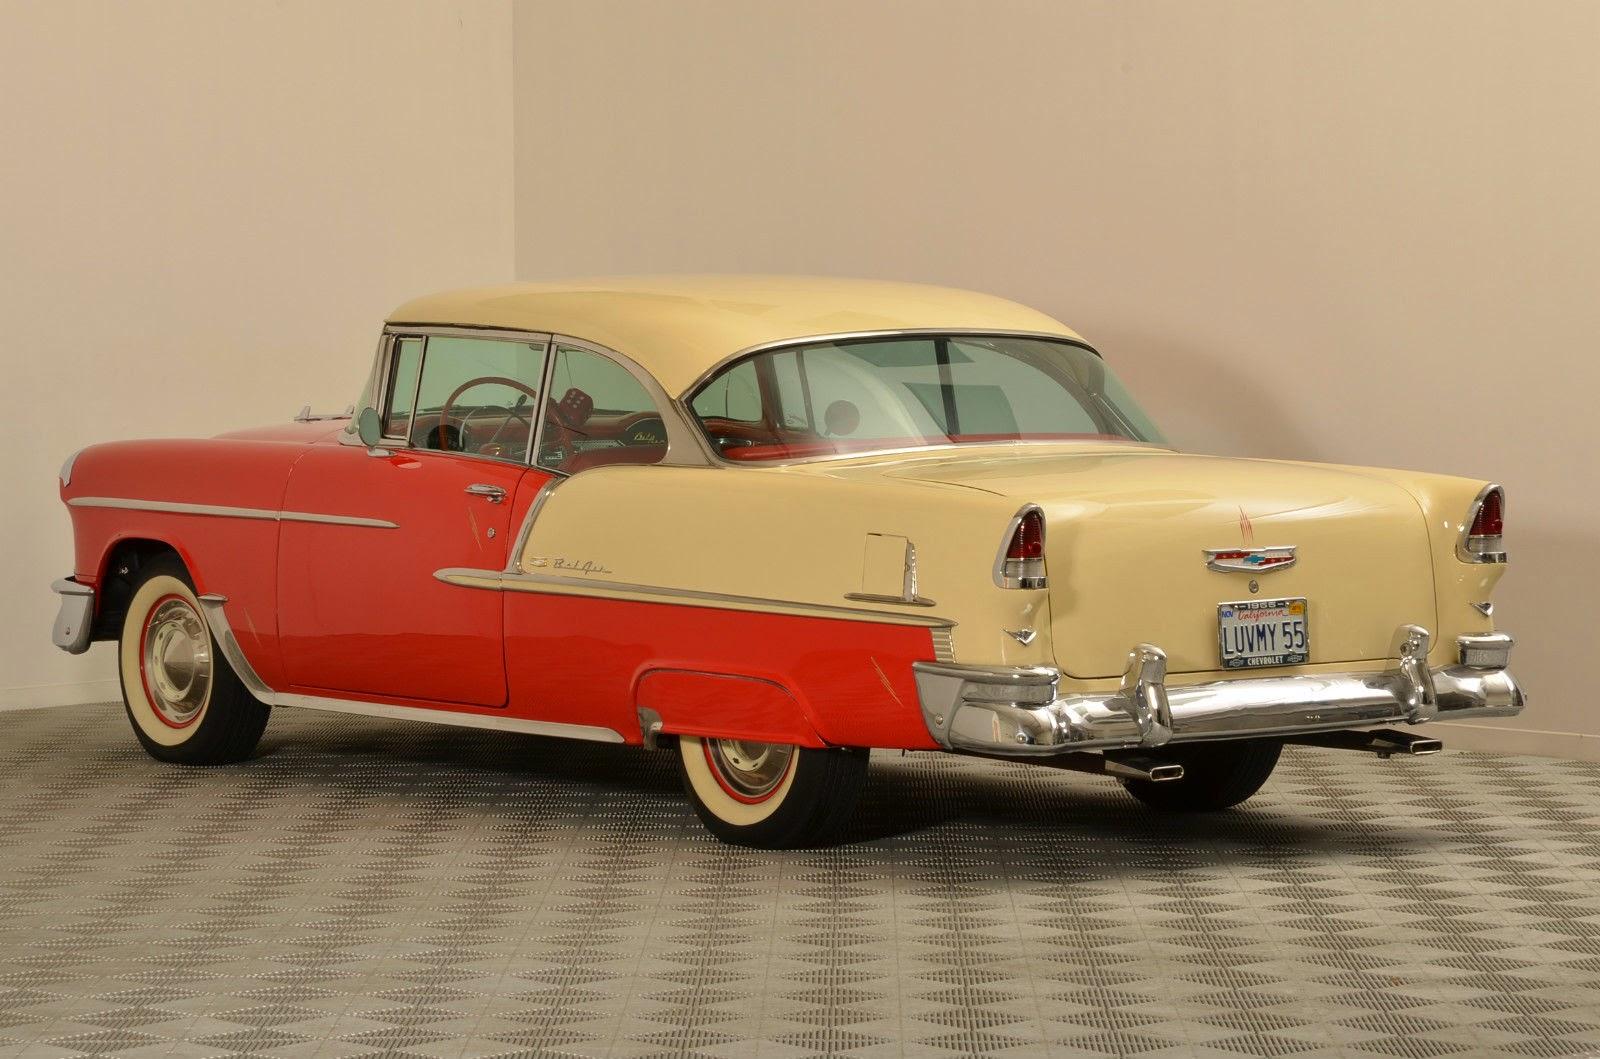 Car M Bel Len all cars 1955 chevrolet bel air 2 door hardtop sport coupe